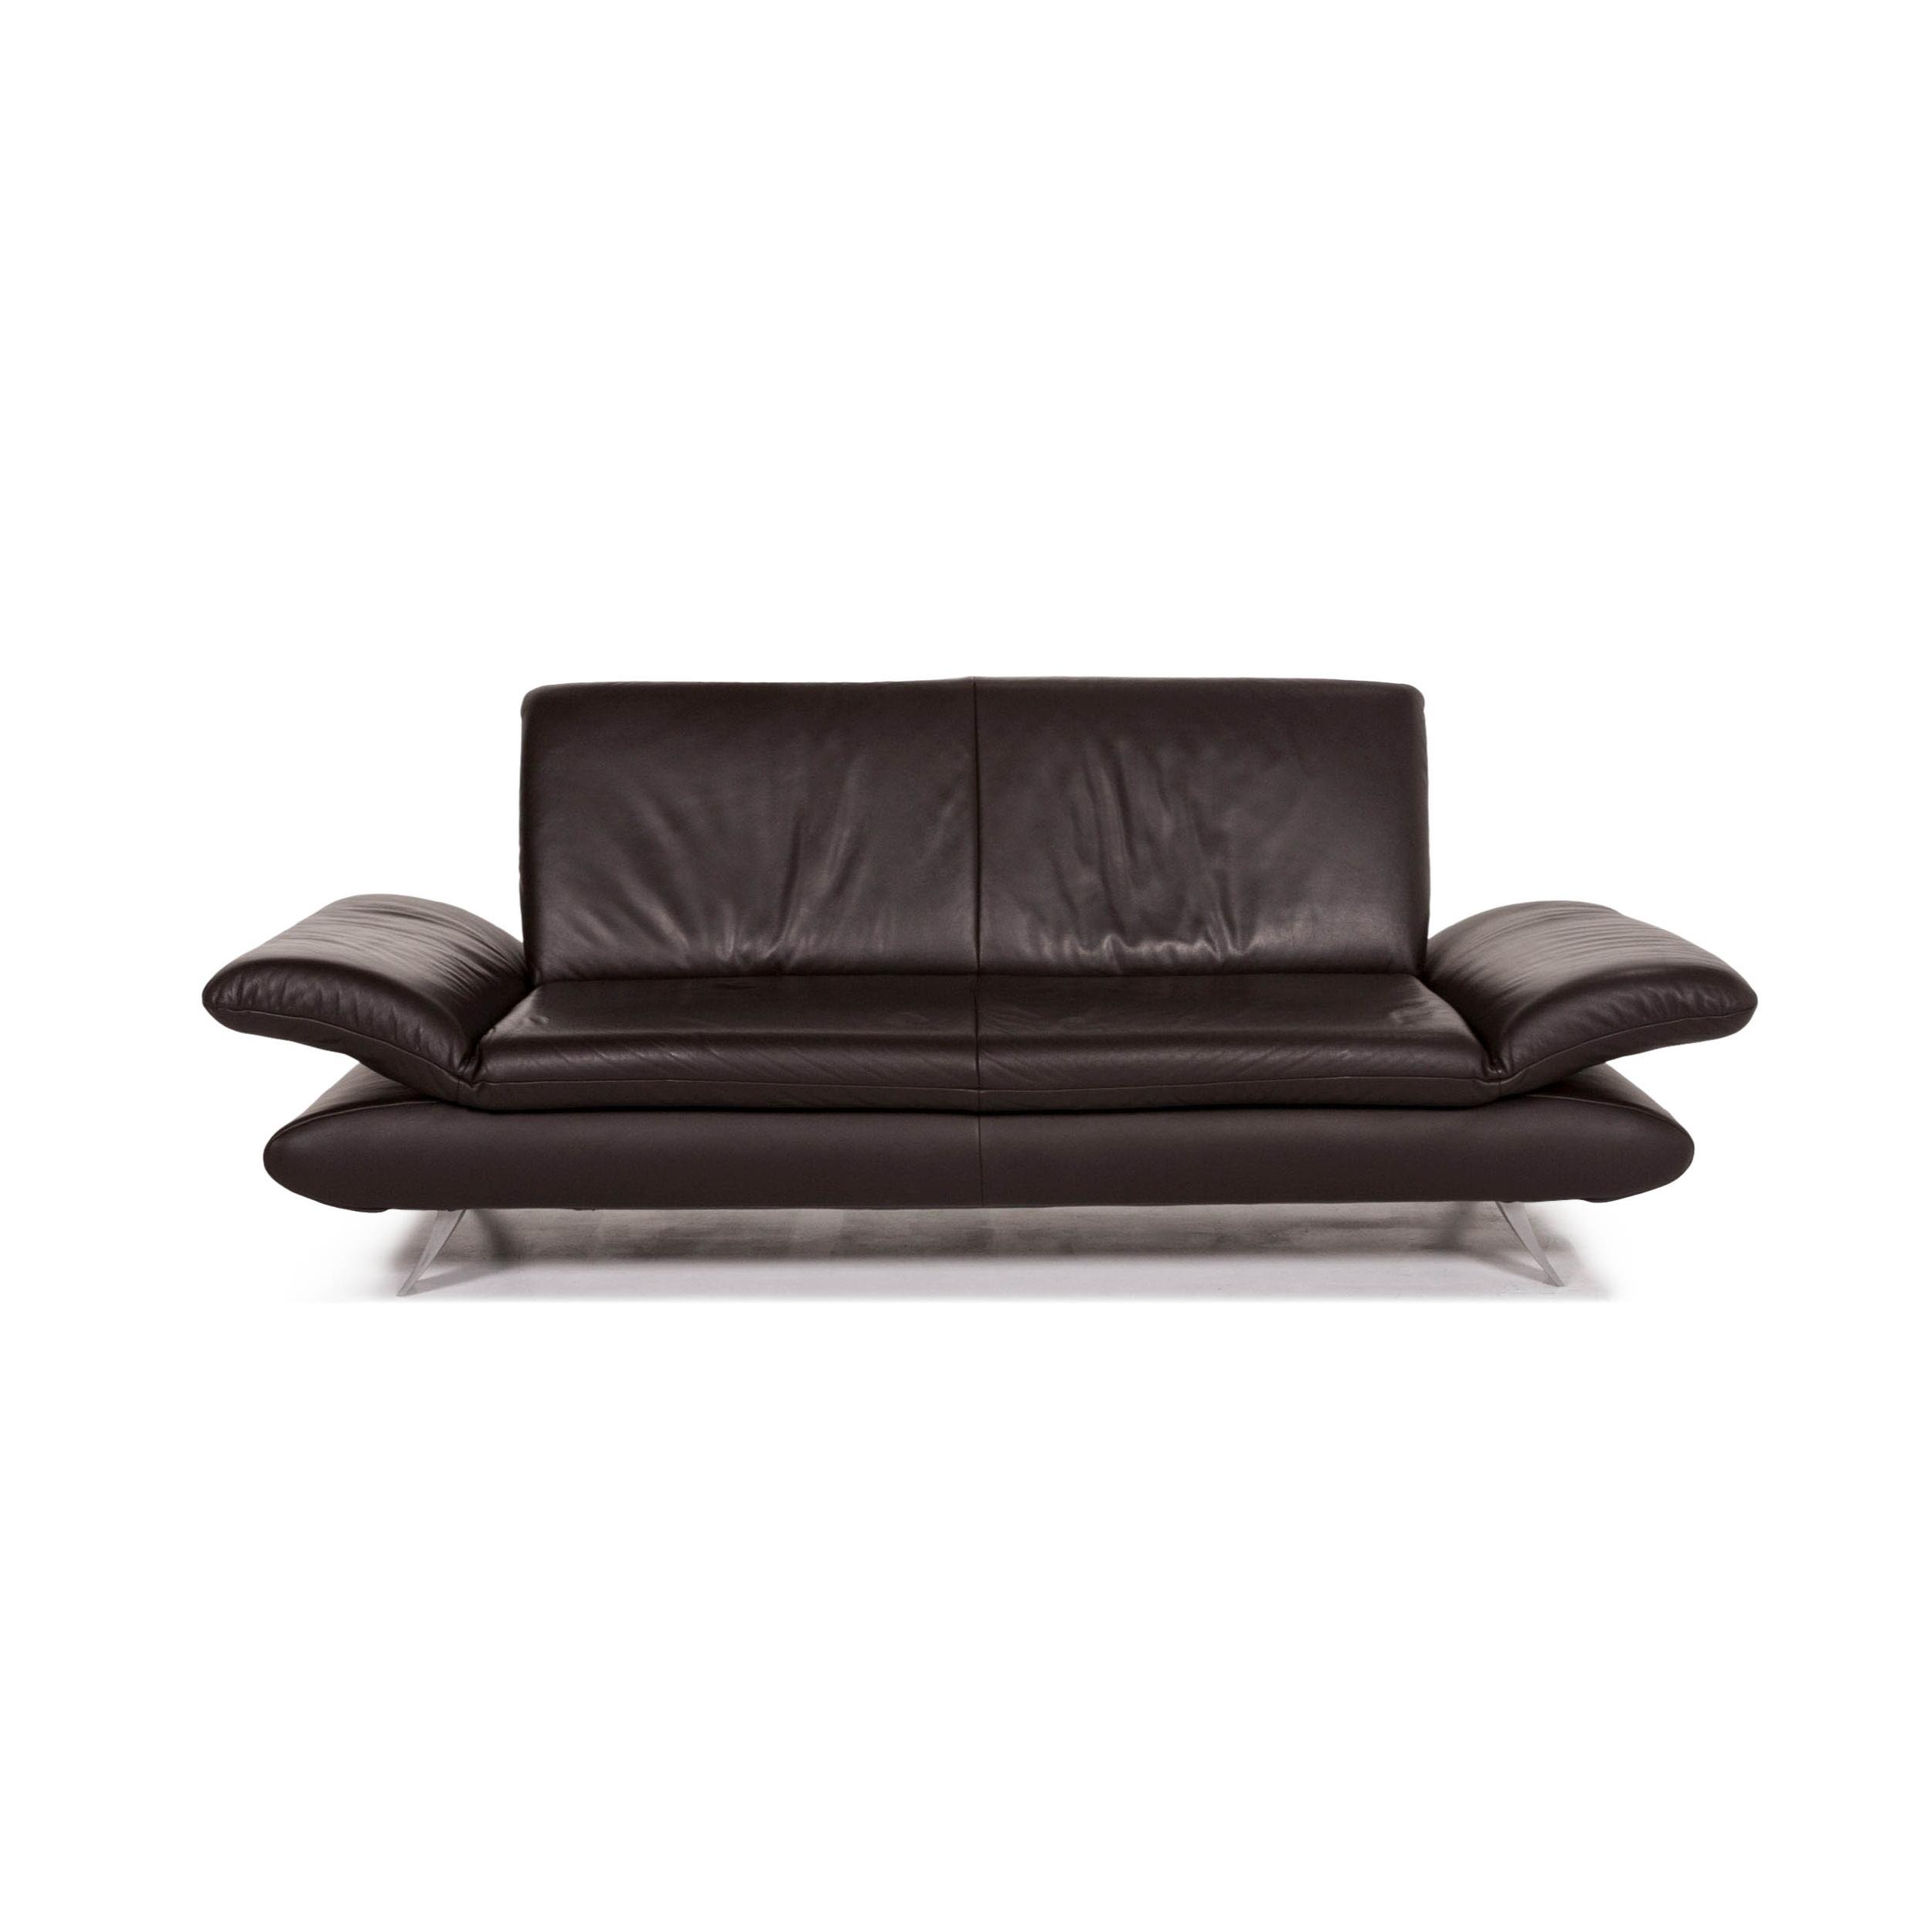 Full Size of Koinor Sofa Preisliste Leder Weiss Gebraucht Erfahrungen Couch Outlet Bewertung Francis Grau Lederfarben Rossini Braun Zweisitzer Mit Funktion 12147 Husse Sofa Koinor Sofa